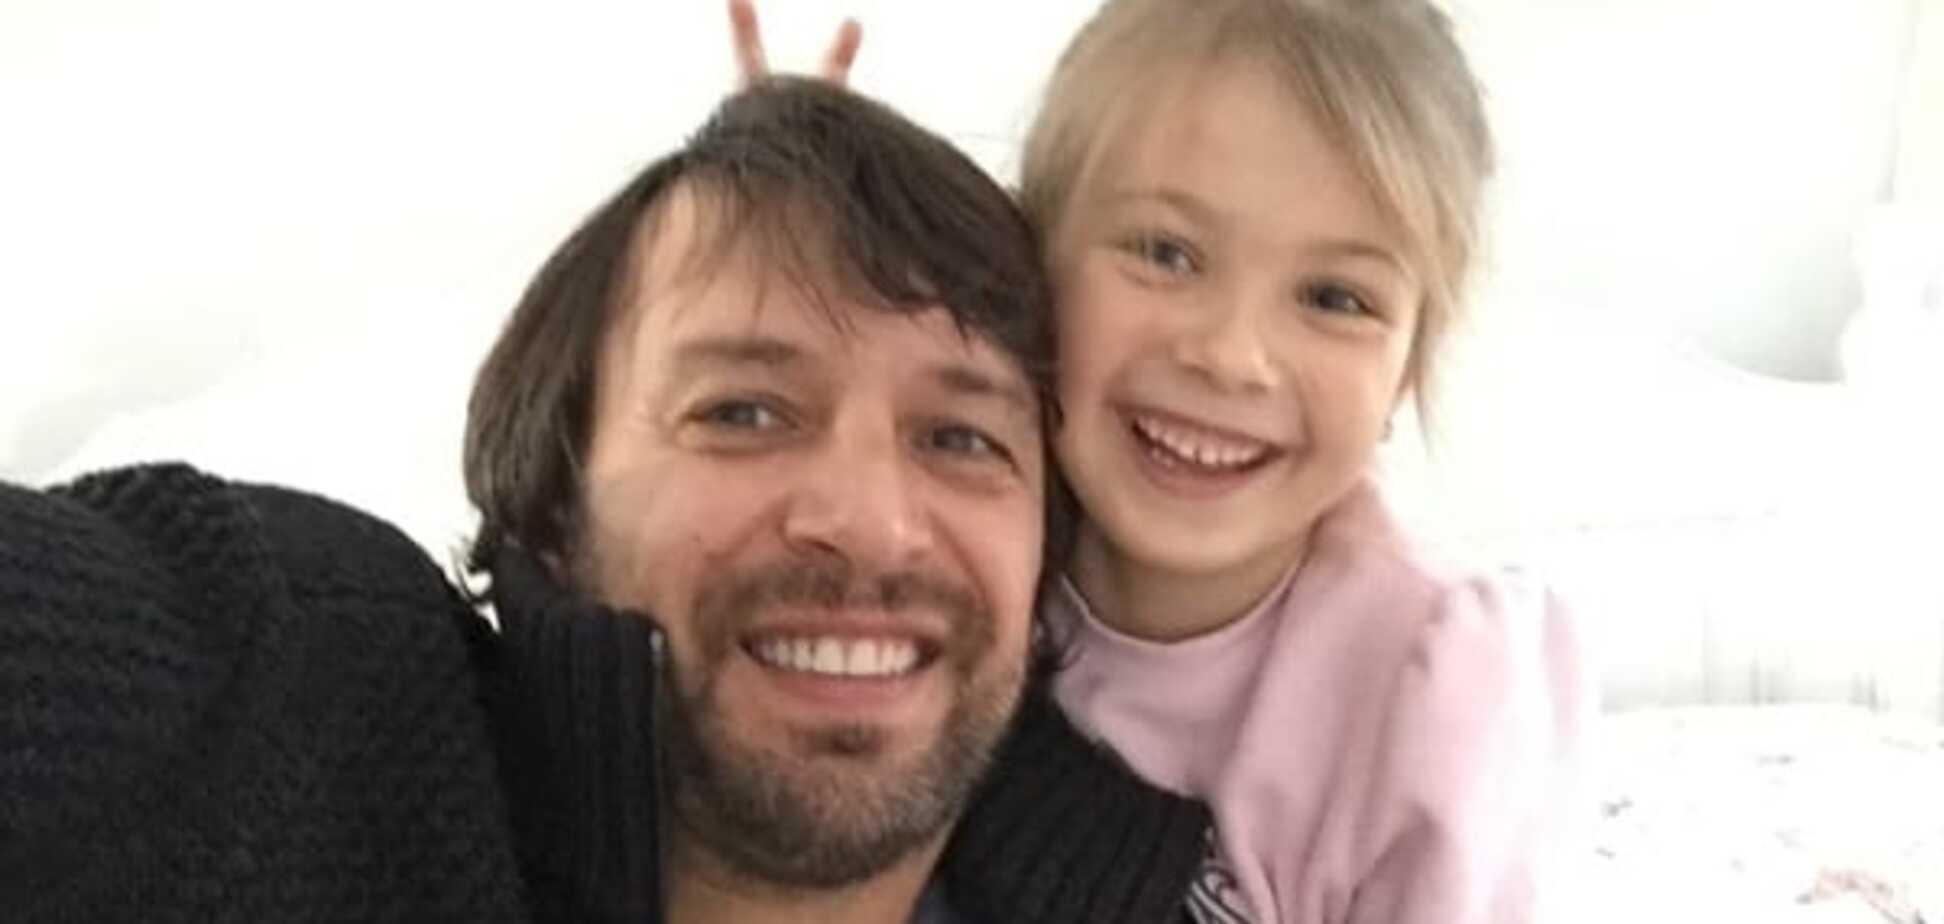 Альонова не збирається повертати дочку Шовковському: футболіст підняв тривогу